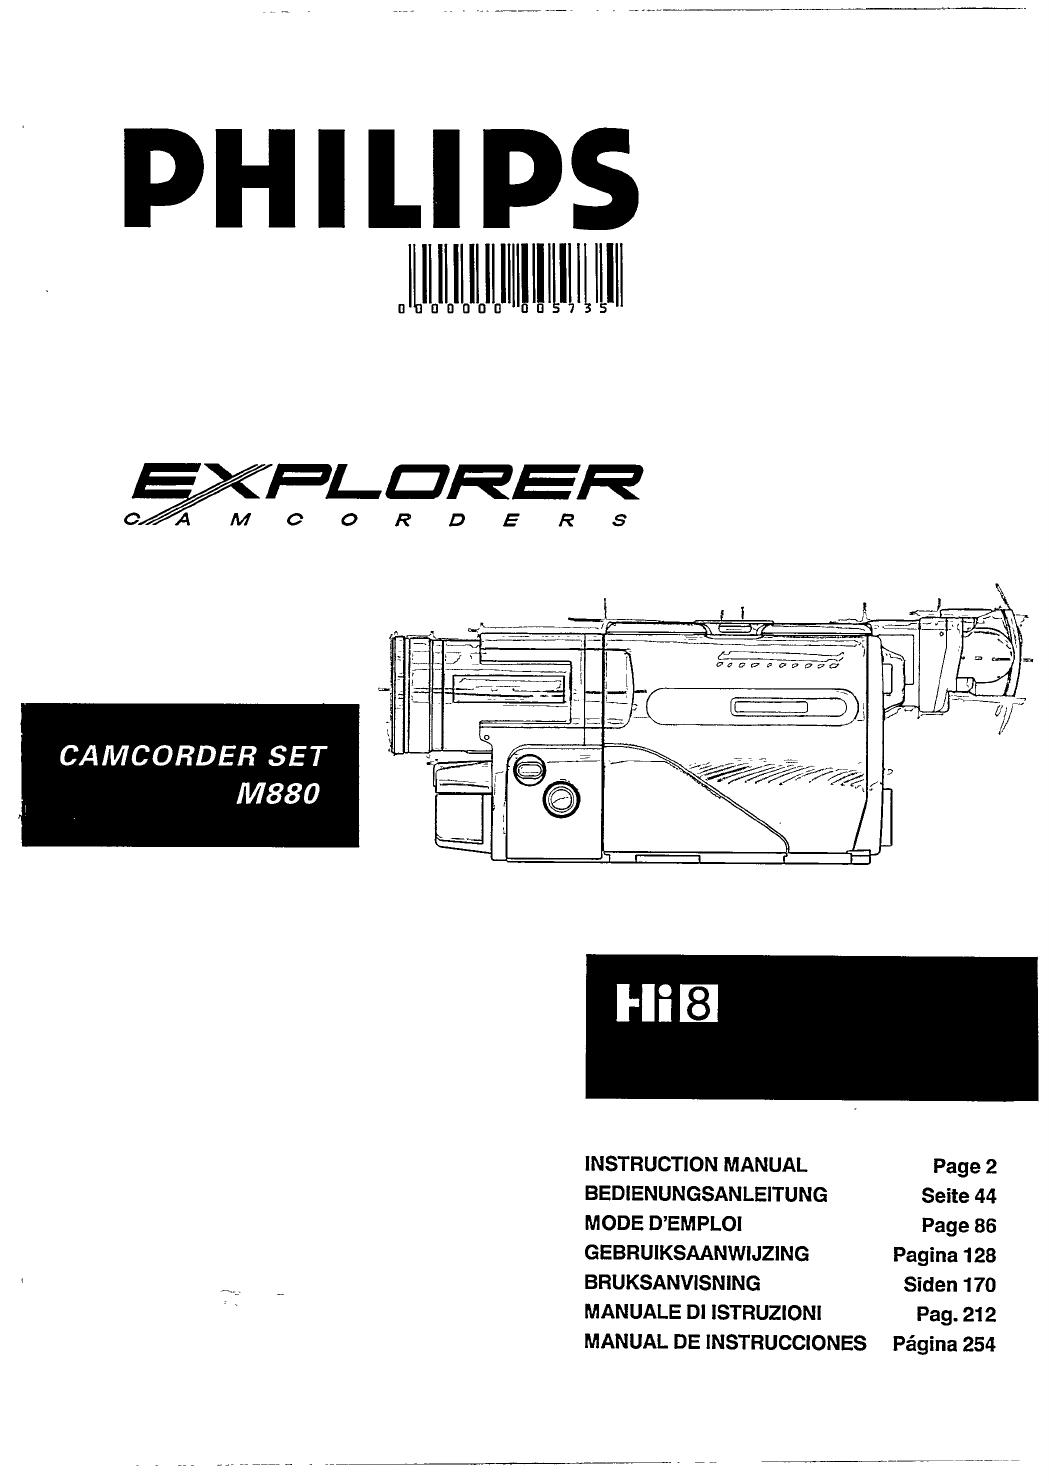 Bedienungsanleitung Philips M880 Seite 25 Von 44 Englisch Wiring Diagram